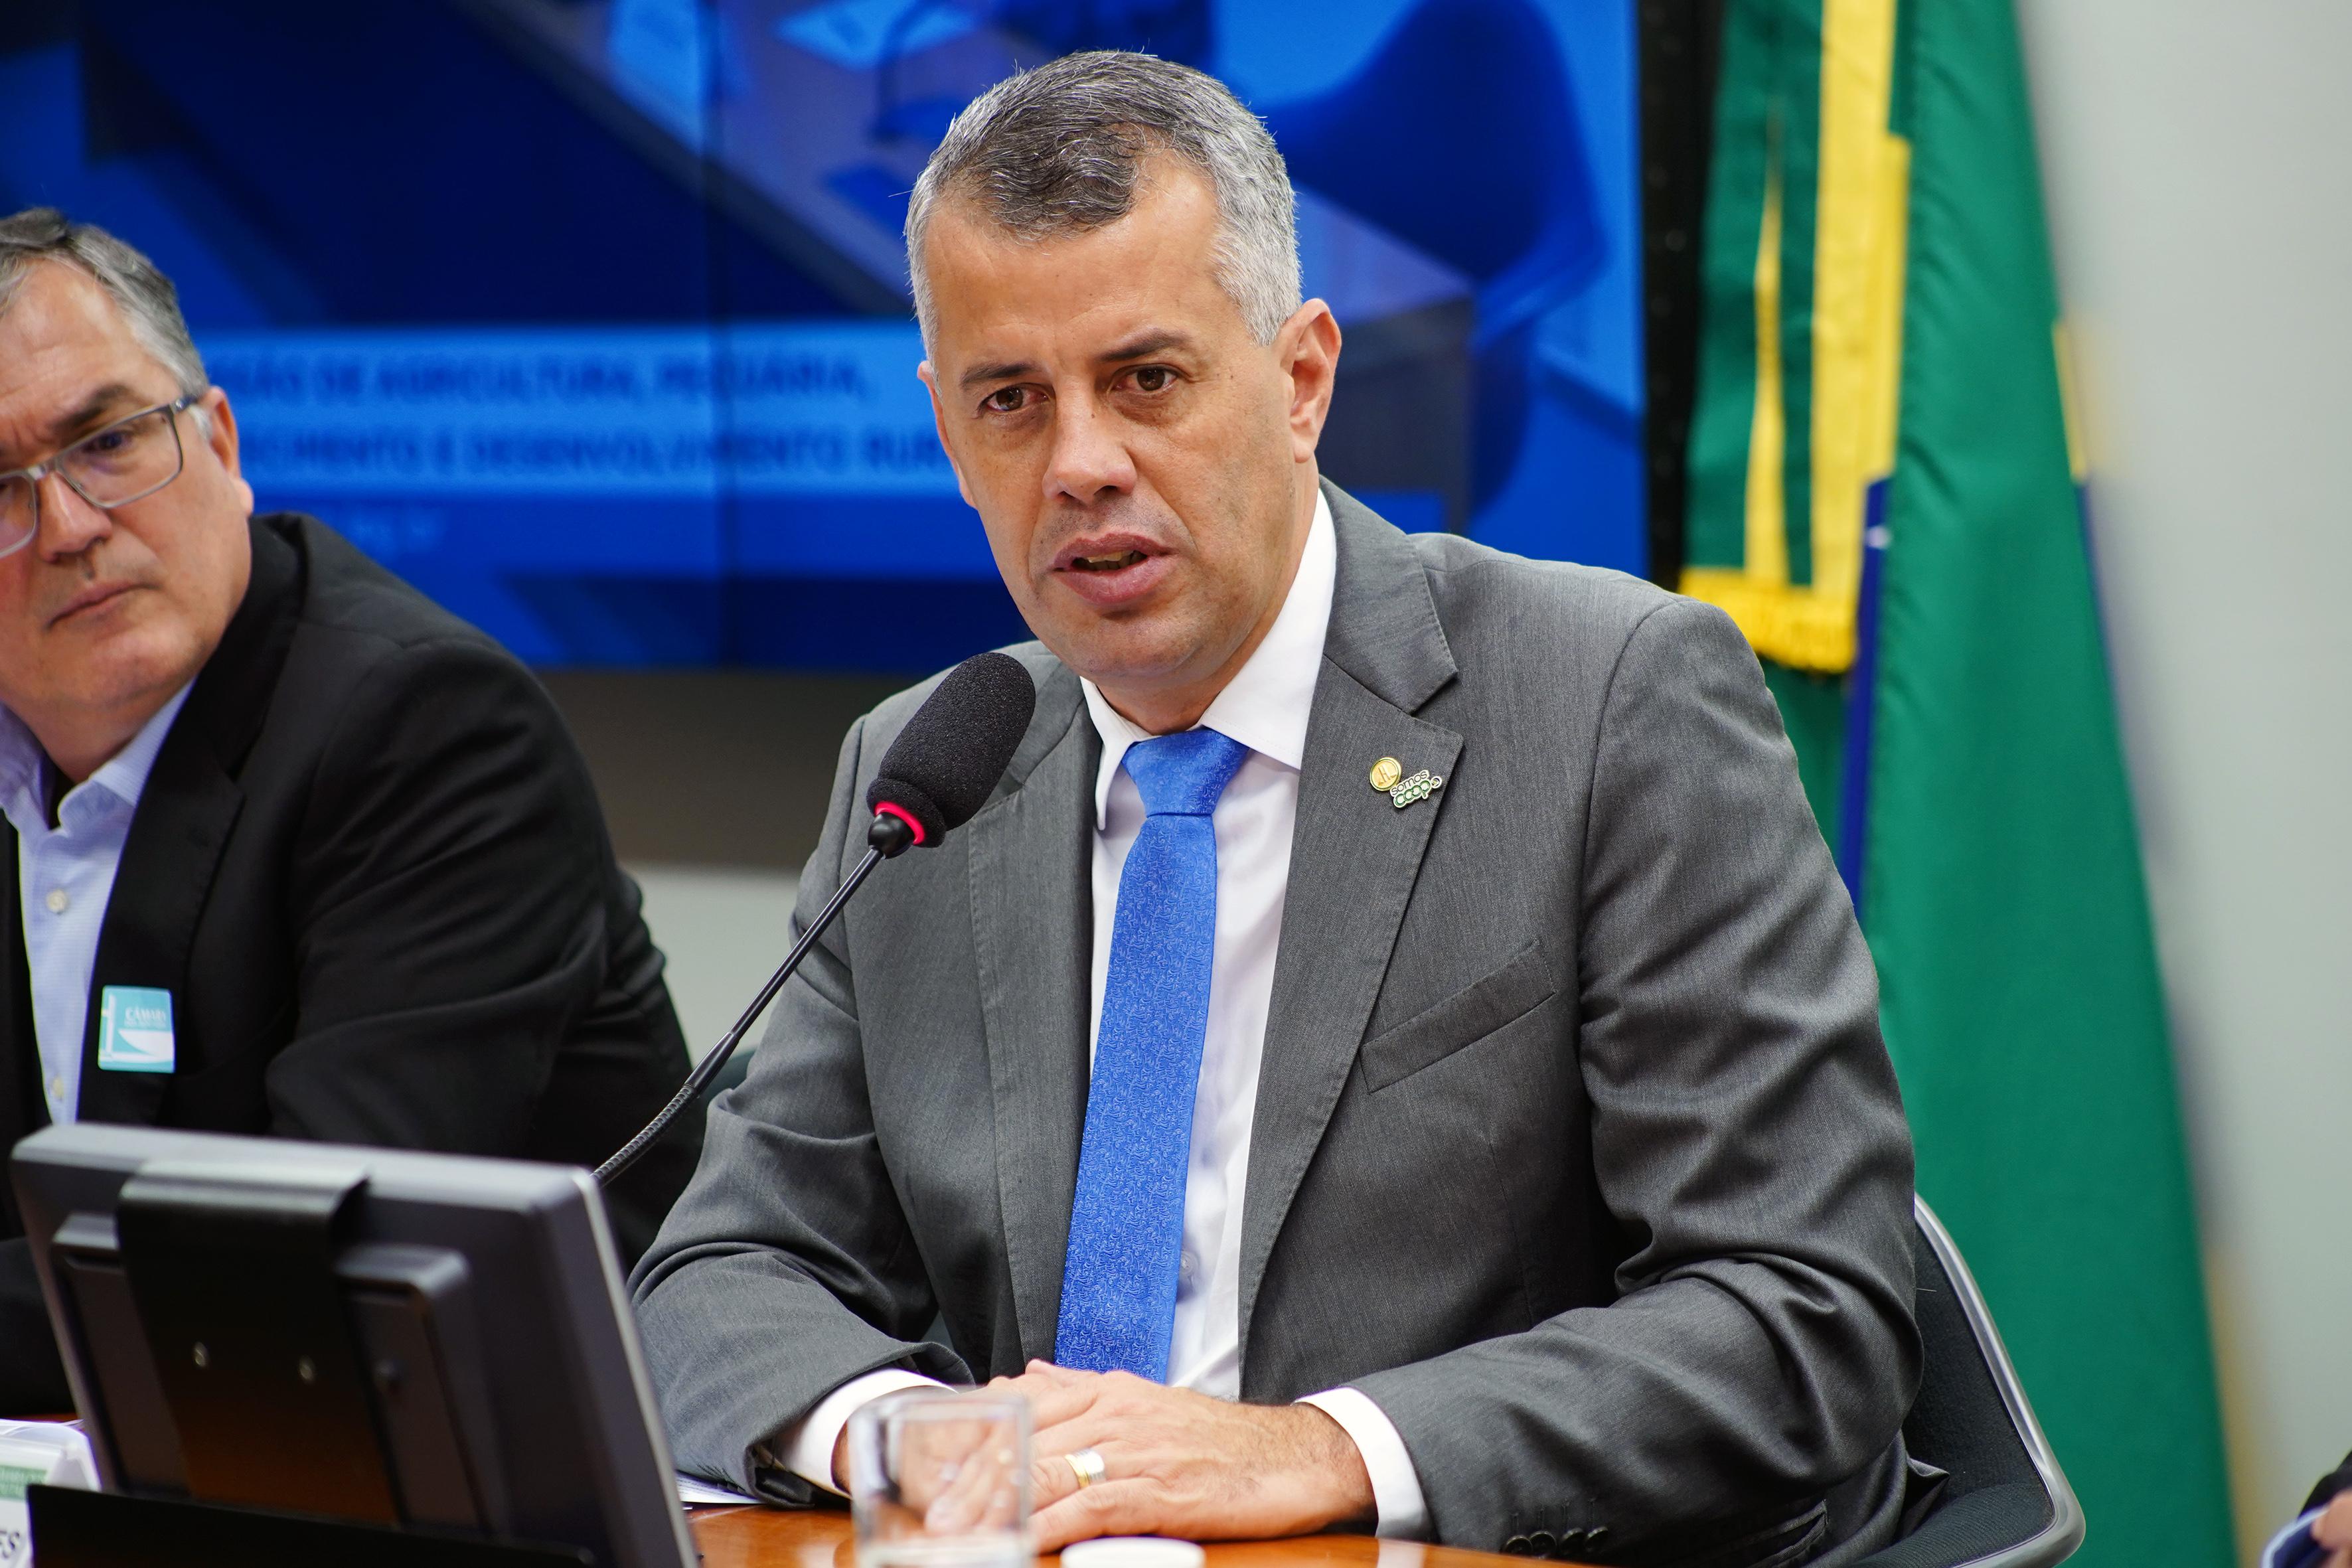 Audiência pública sobre a política de preços mínimos de café. Dep. Evair Vieira de Melo (PP-ES)